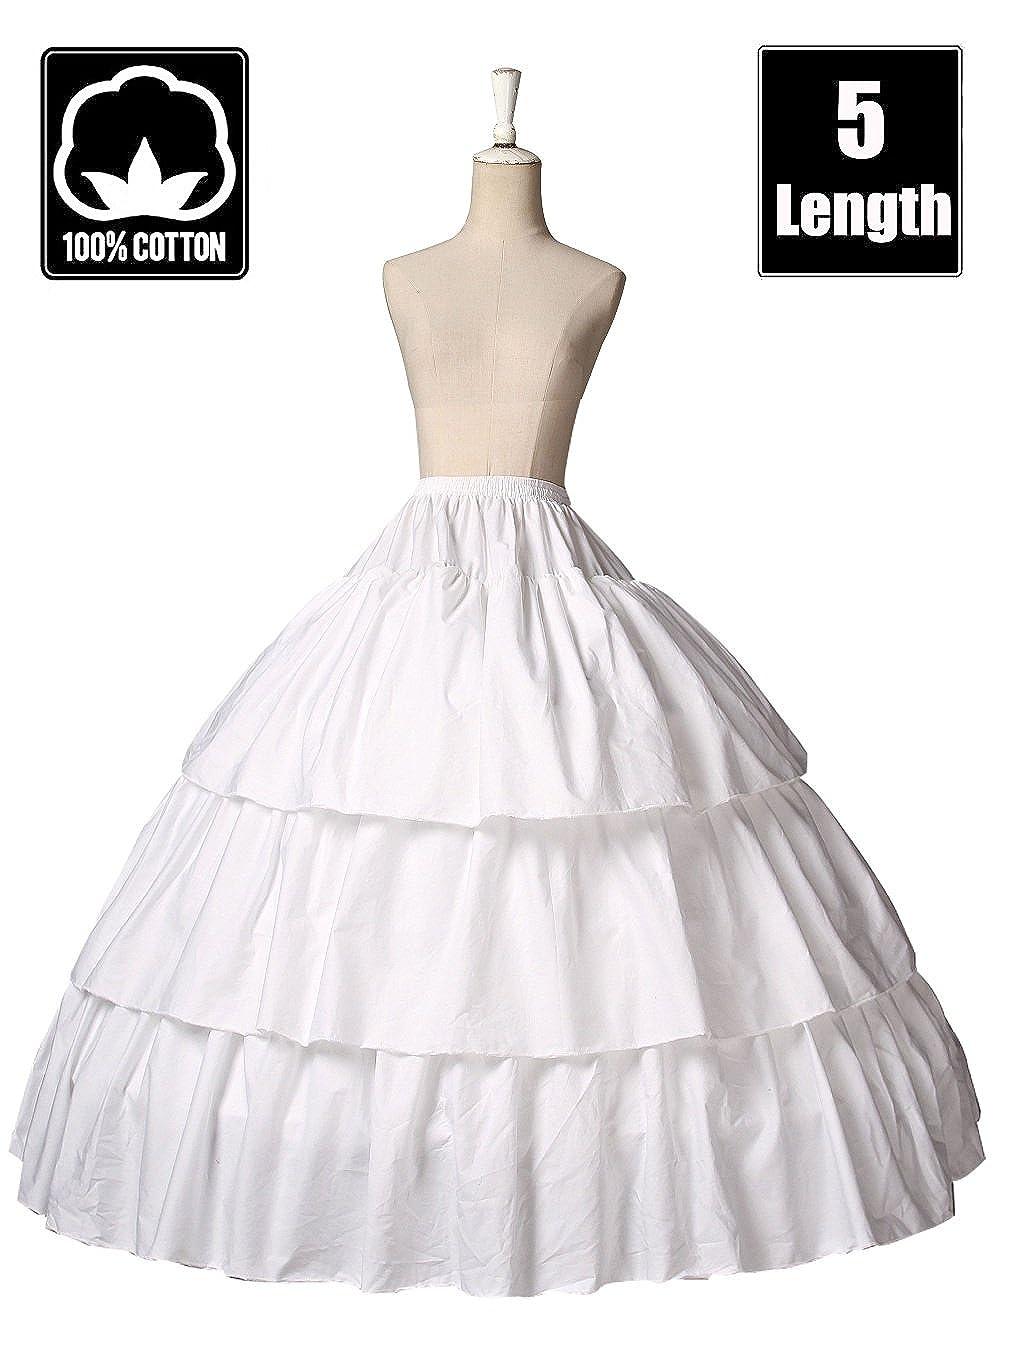 BEAUTELICATE Girls Petticoat 100% Cotton Crinoline Underskirt for Kids Flower Dress Slip 3 4 Hoops Light Ivory 5 Length for 1-16 Years Old by